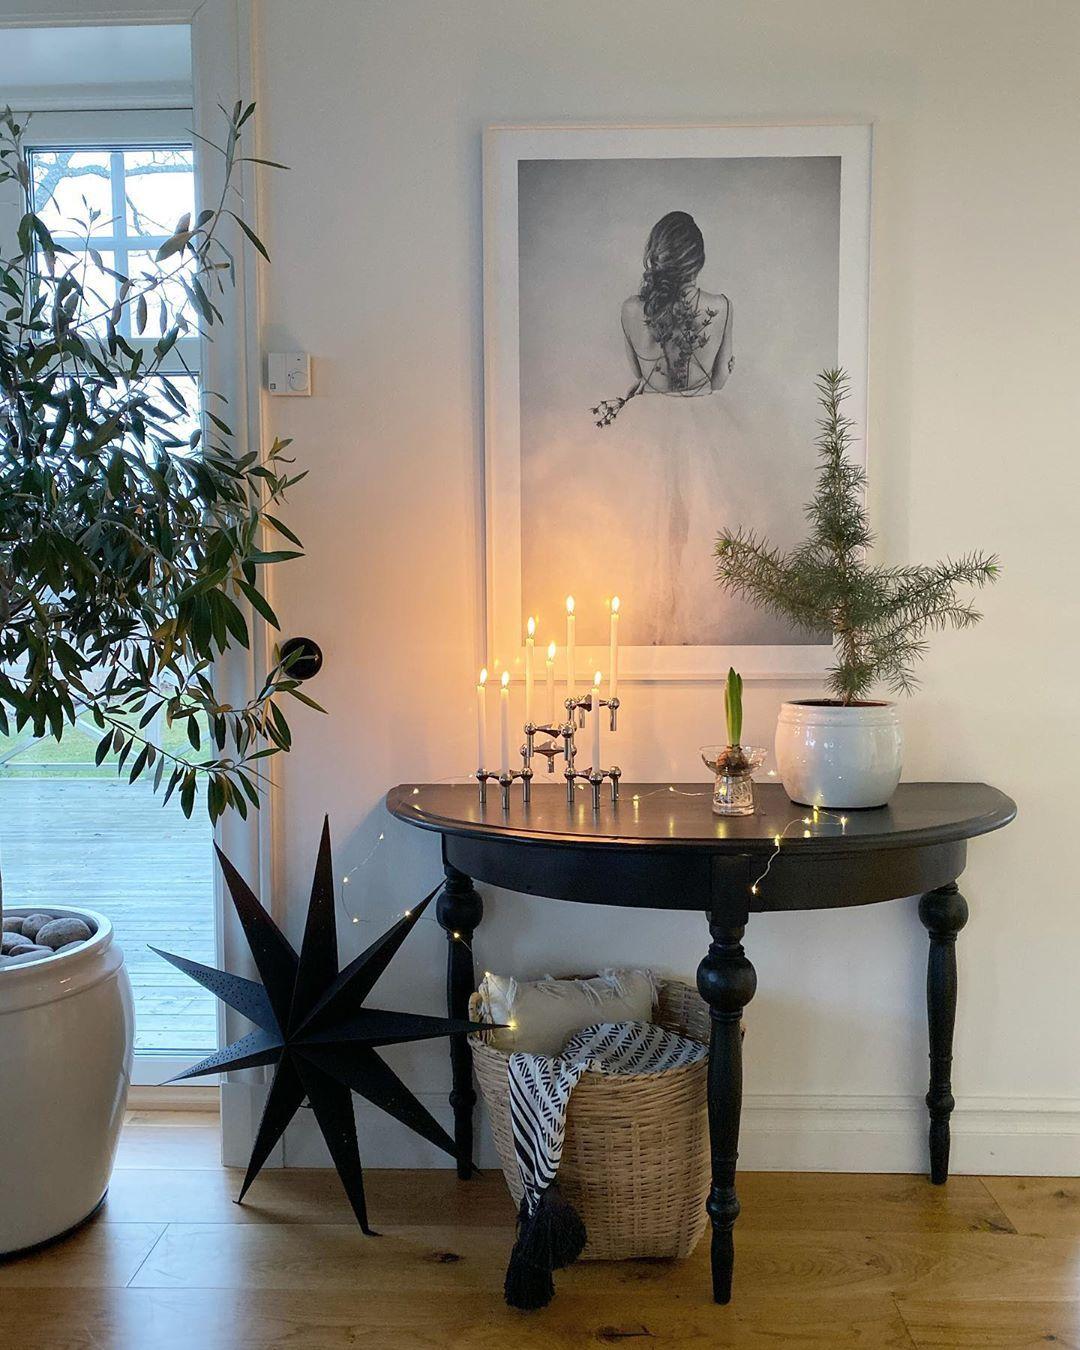 #apellebacken #livingroom #posterstore #interiordesign #interior4you1 #interior_and_living #interior2you #interior4all #christmas #christmasdecor #lovewarriors